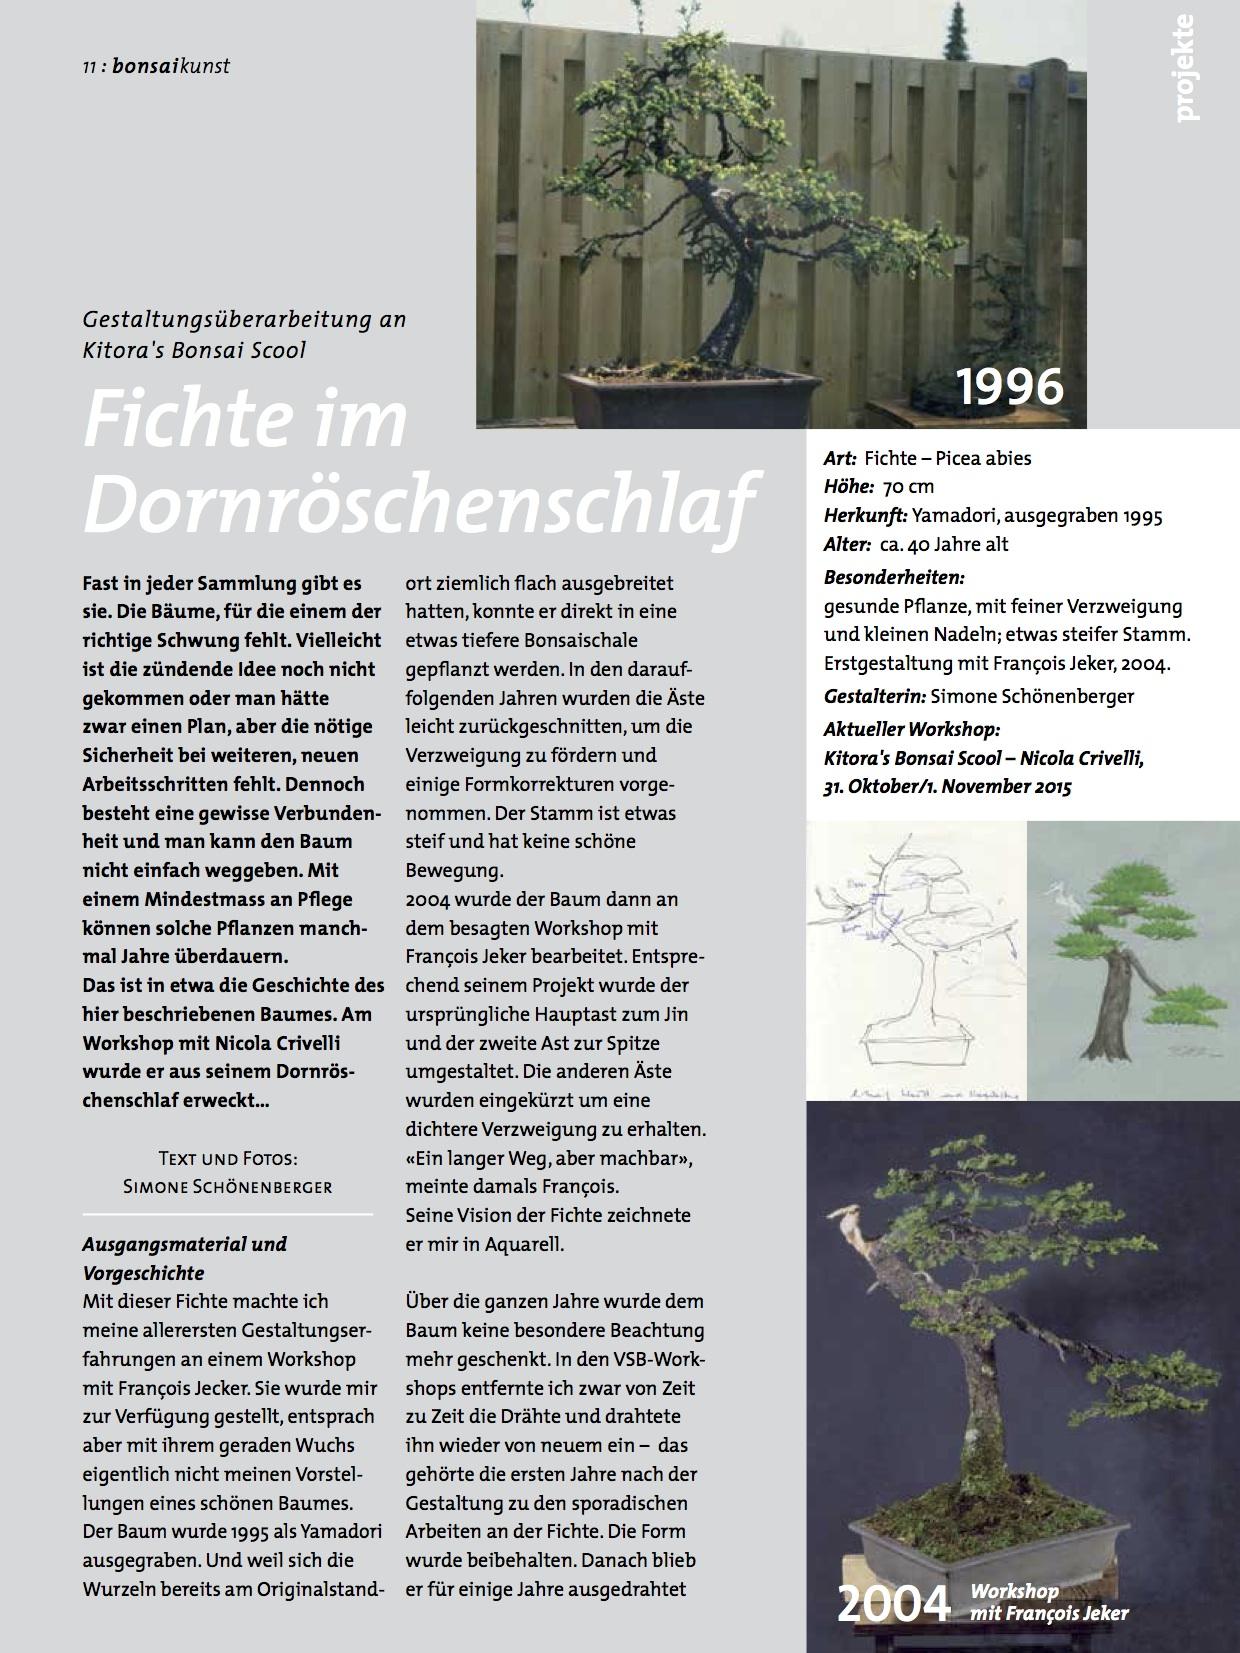 BK_76_SS-Fichte-im-Dornröschenschlaf11